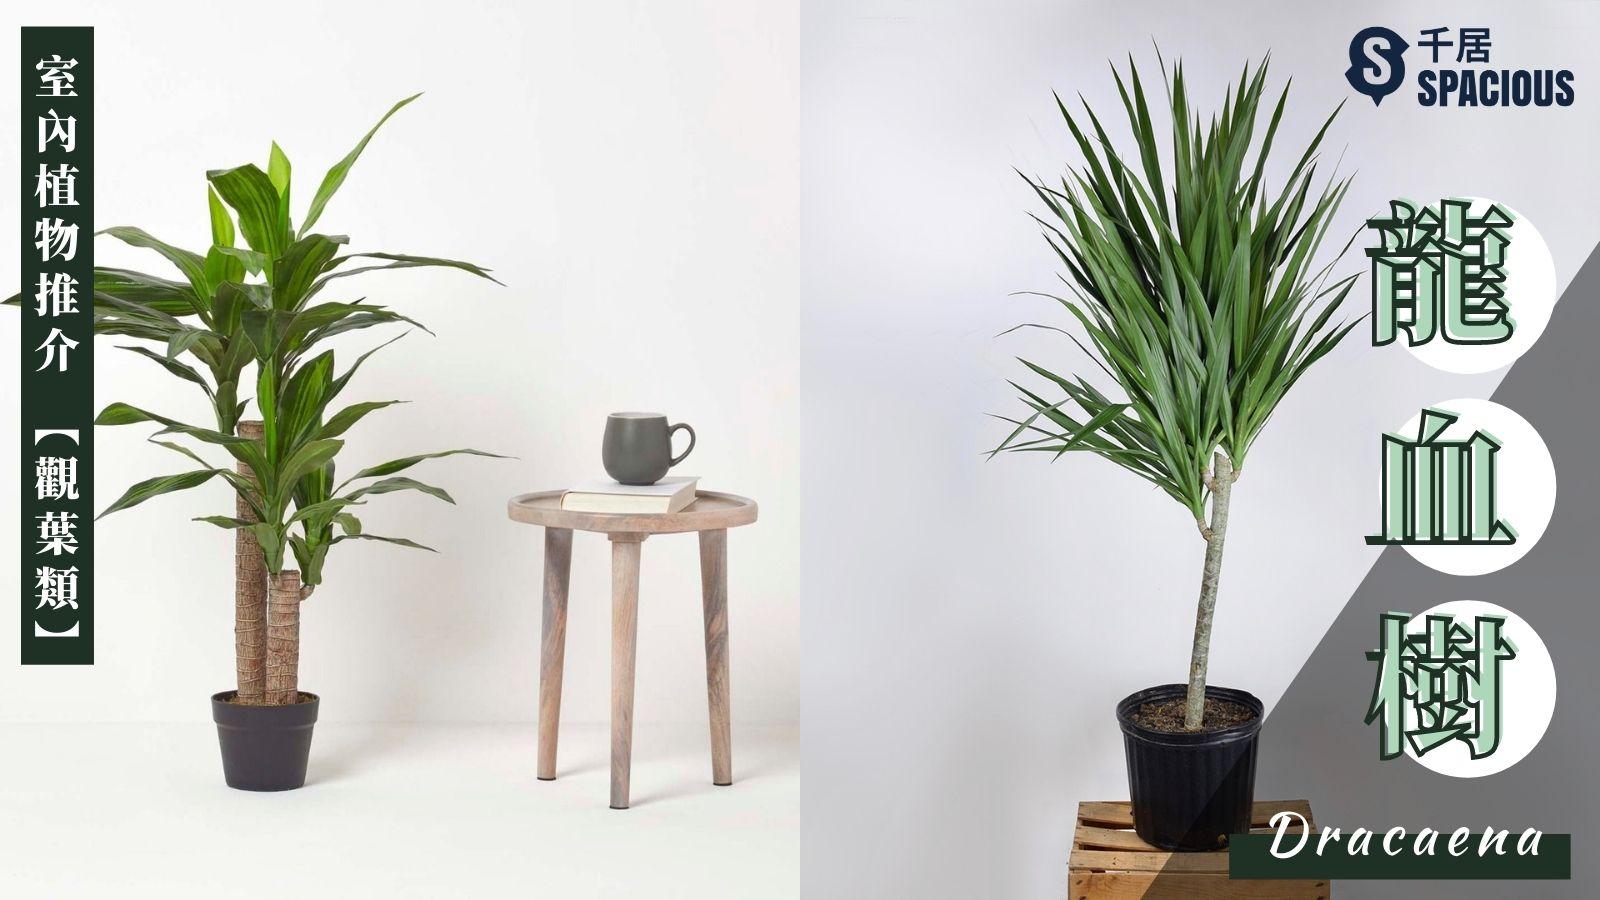 室內植物-龍血樹-Dracaena